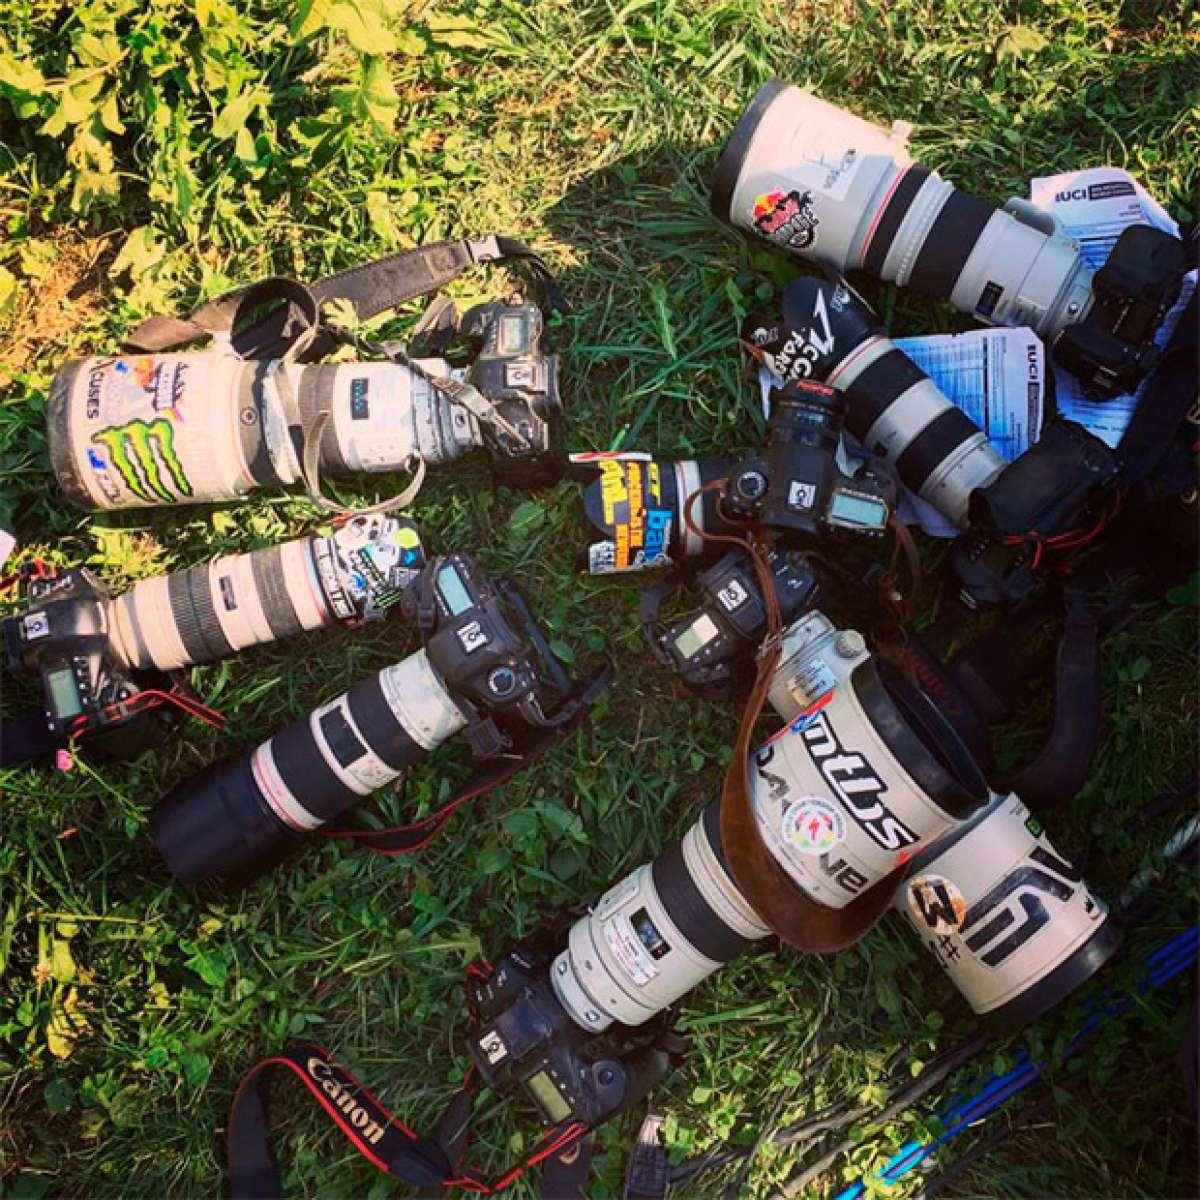 En TodoMountainBike: Un día con Michal Červený, fotógrafo profesional de competiciones UCI MTB